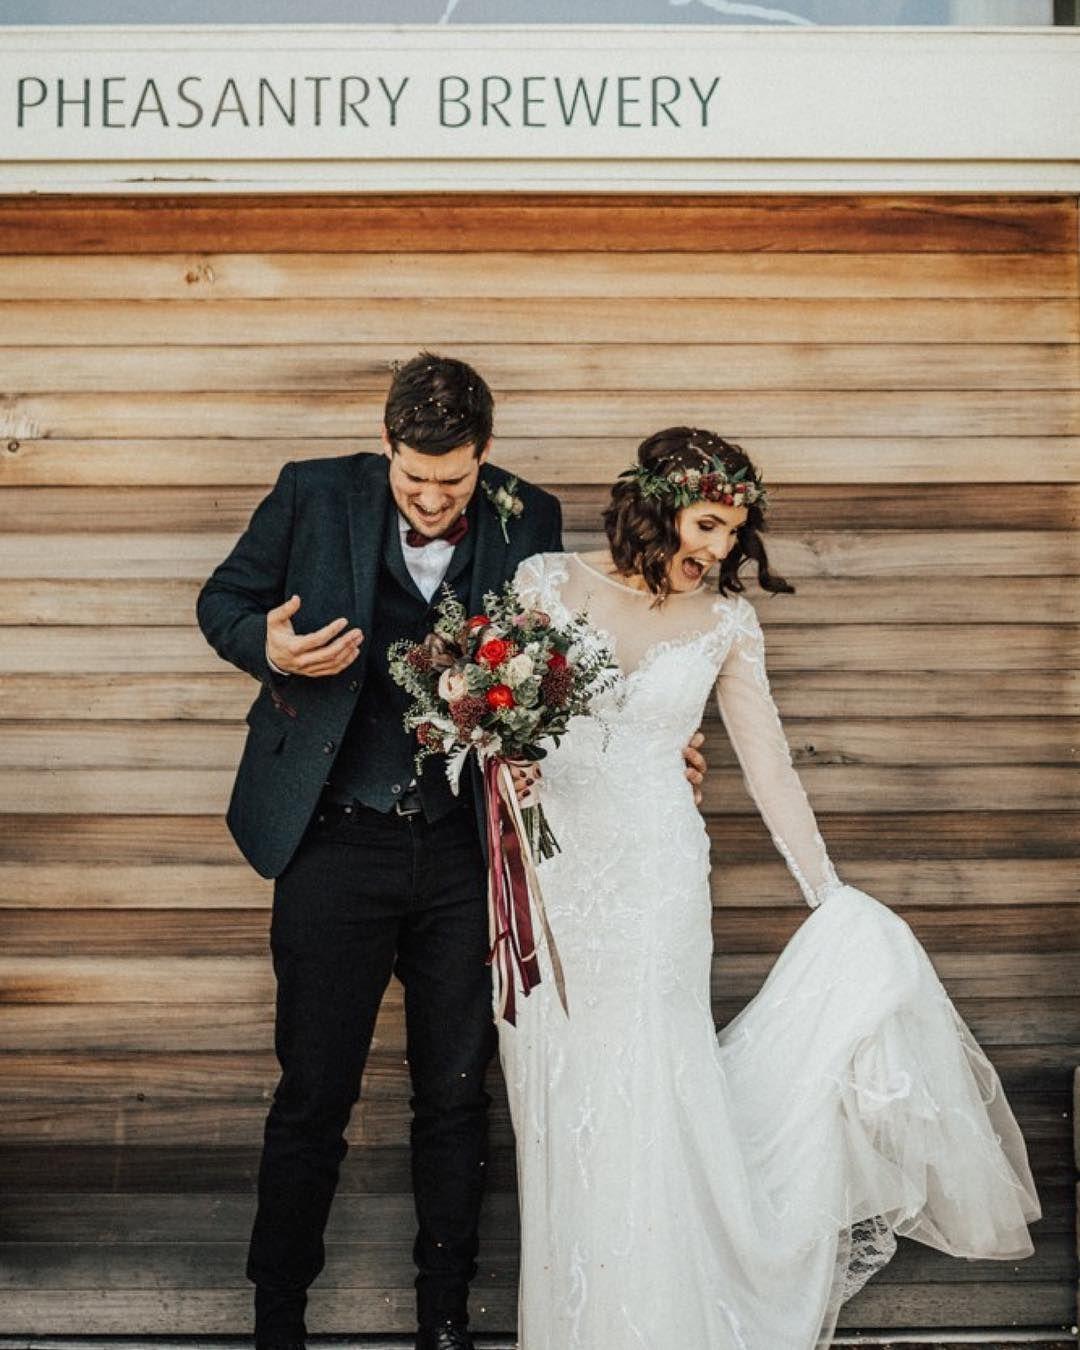 Agora, Sem Dúvida, Os Casamentos Ao Estilo Instagram Estão